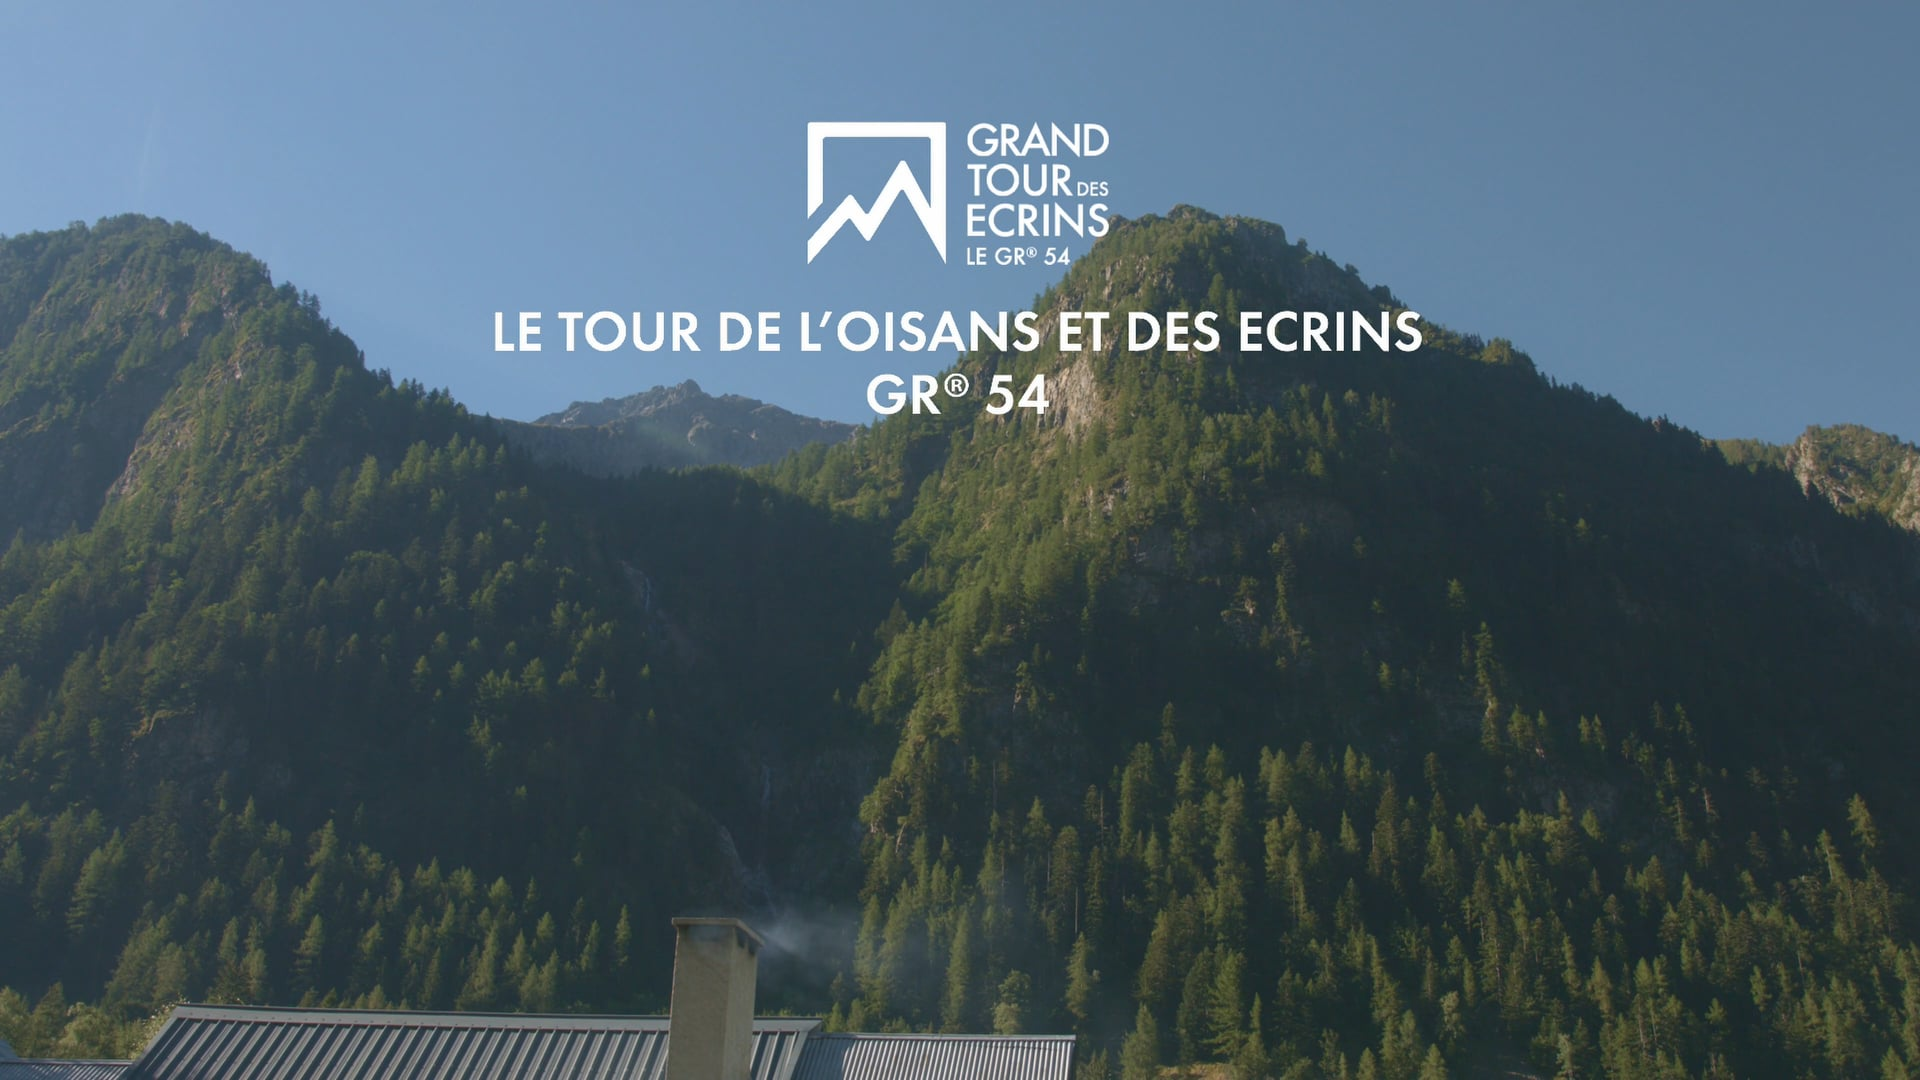 Grand Tour des Ecrins – Le tour de l'Oisans et des Ecrins